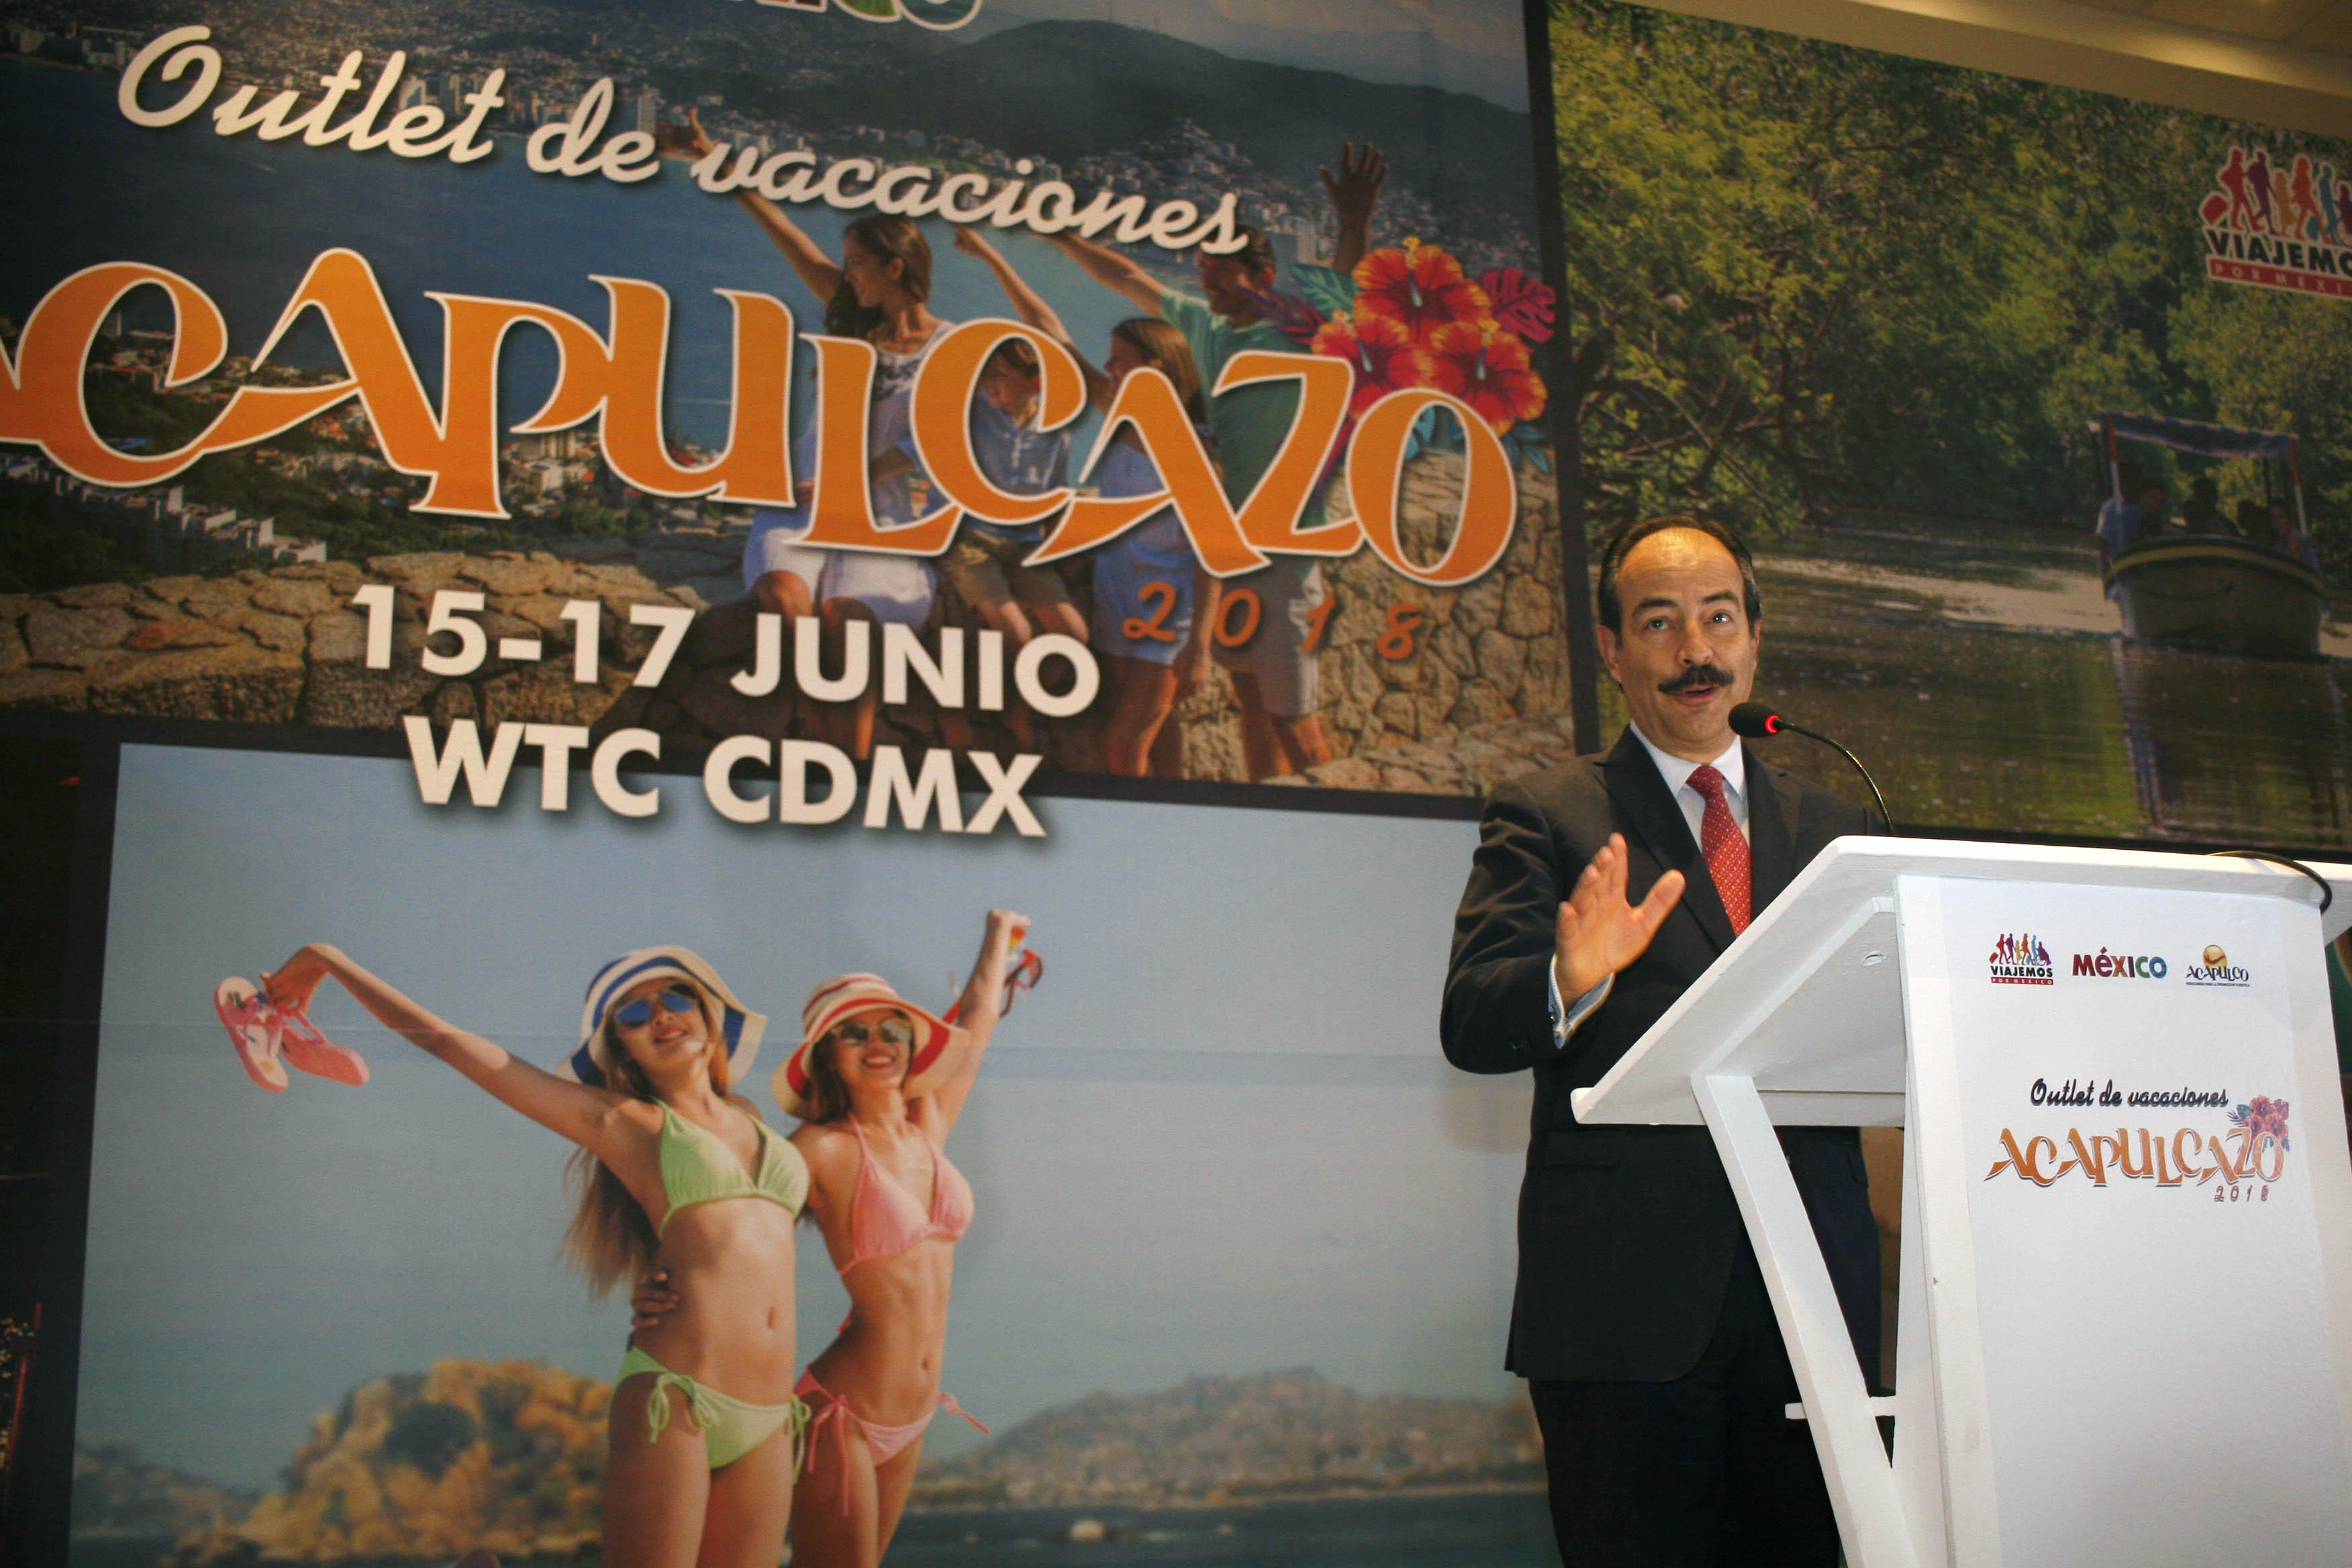 Turismo en México no es una moda, es de los sectores más importantes de la economía: Sectur